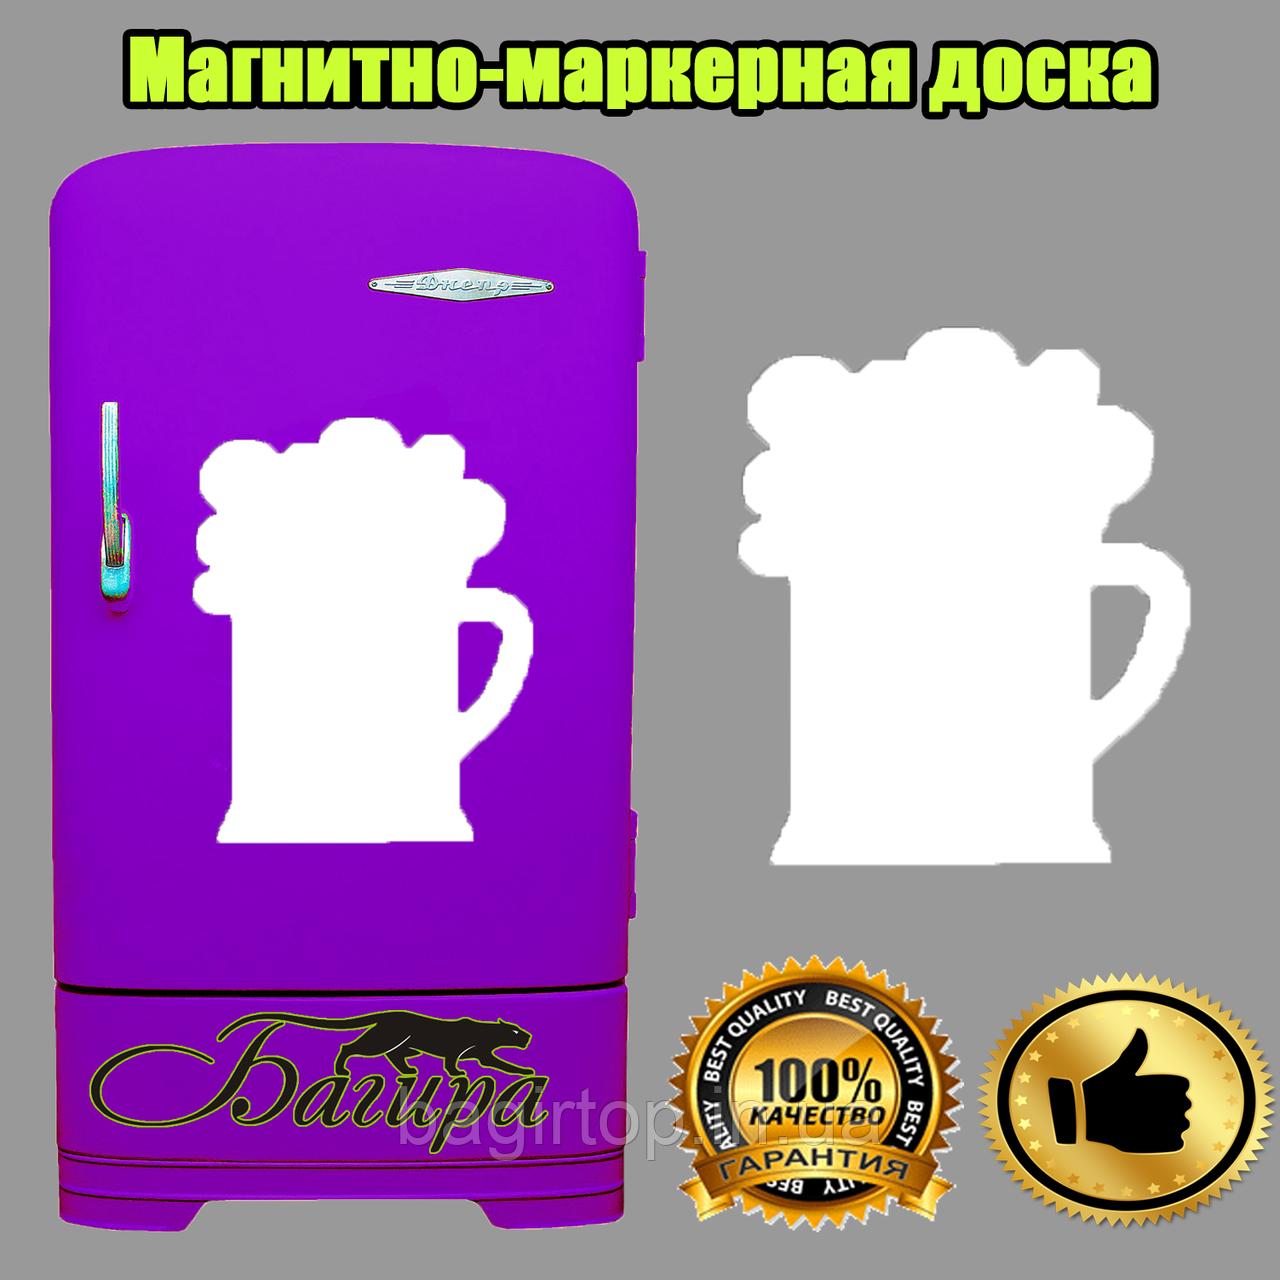 Магнитно-маркерная доска  Бокал пива